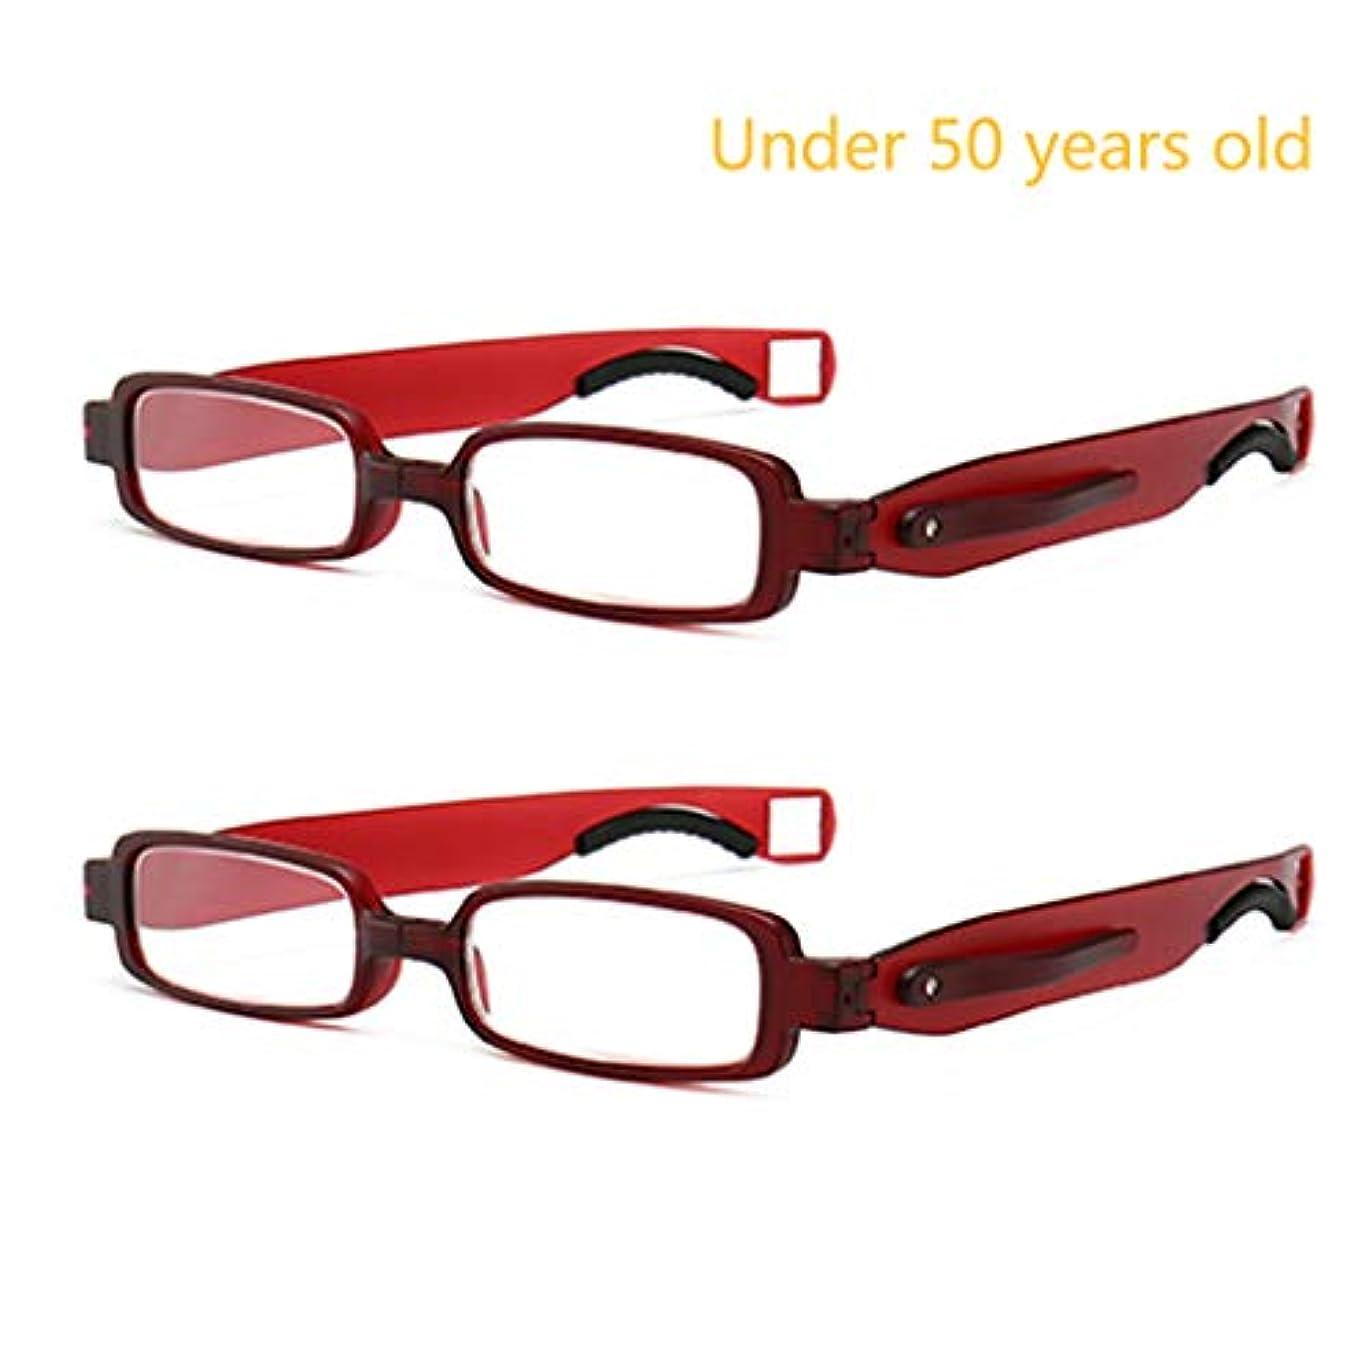 農学上十分に360度回転老眼鏡、折り畳まれた男性と女性の読者。 TR90素材、厚めのテンプルデザイン、軽量で耐久性、持ち運びに便利。